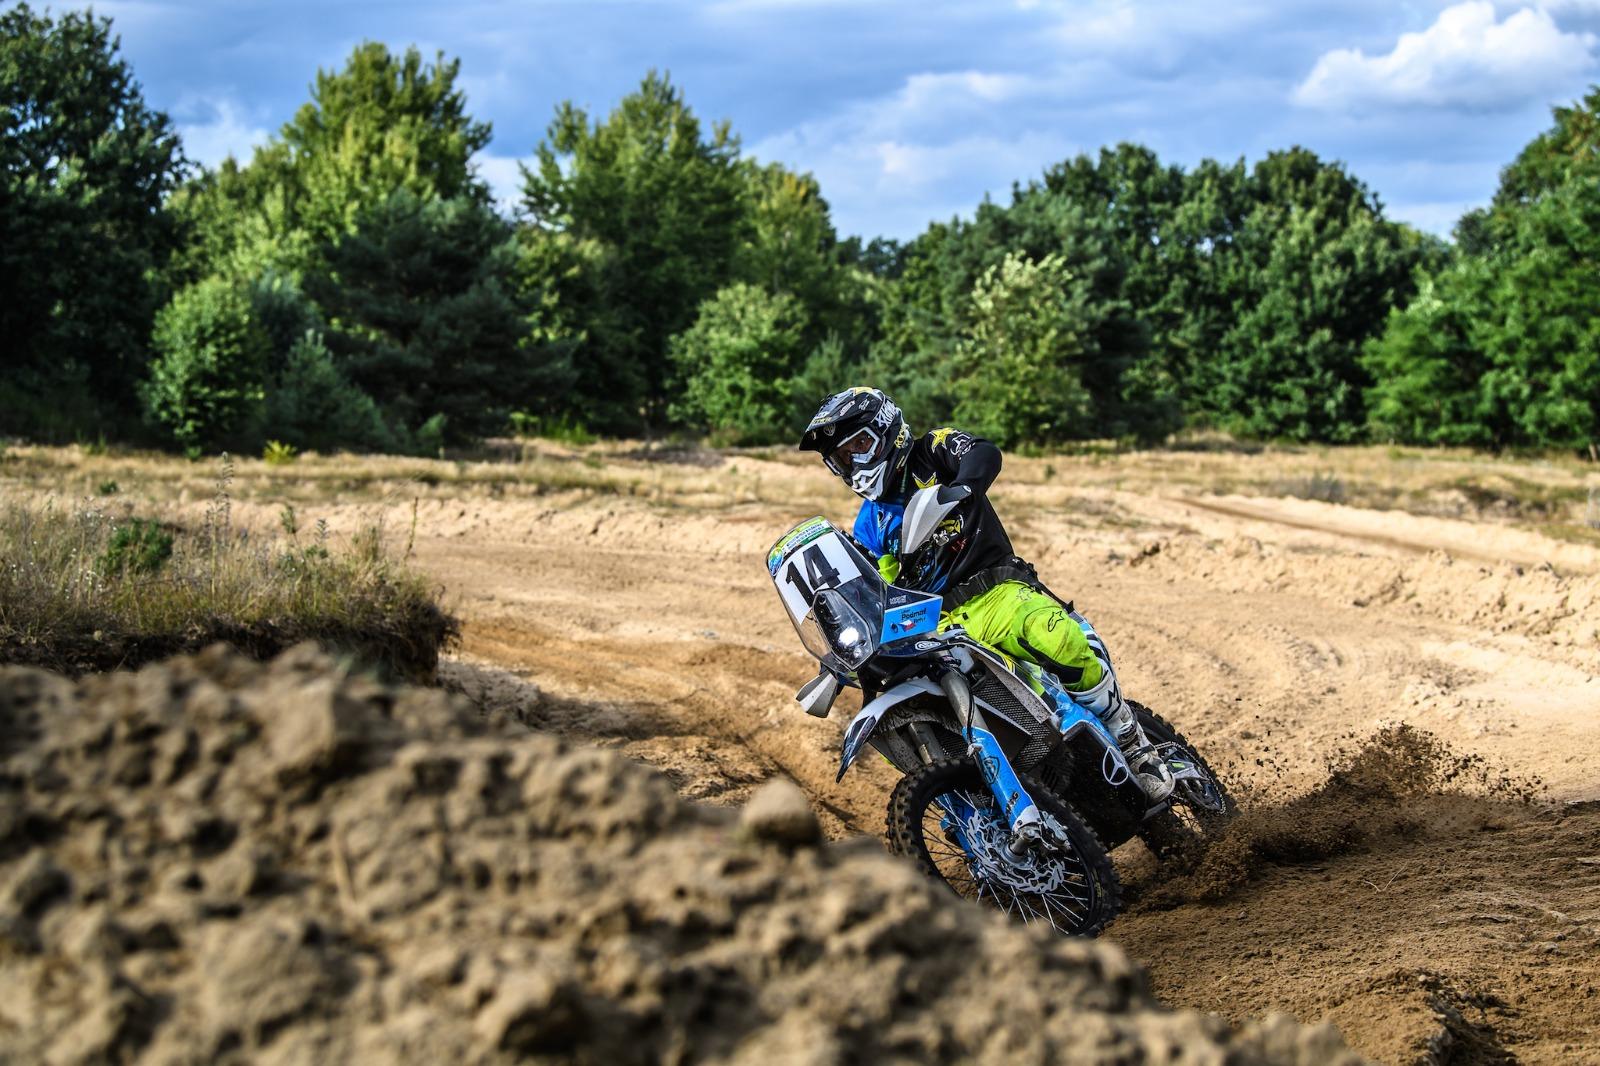 Fotograf Chytka: Spousta motoristických šampionátů může zaniknout